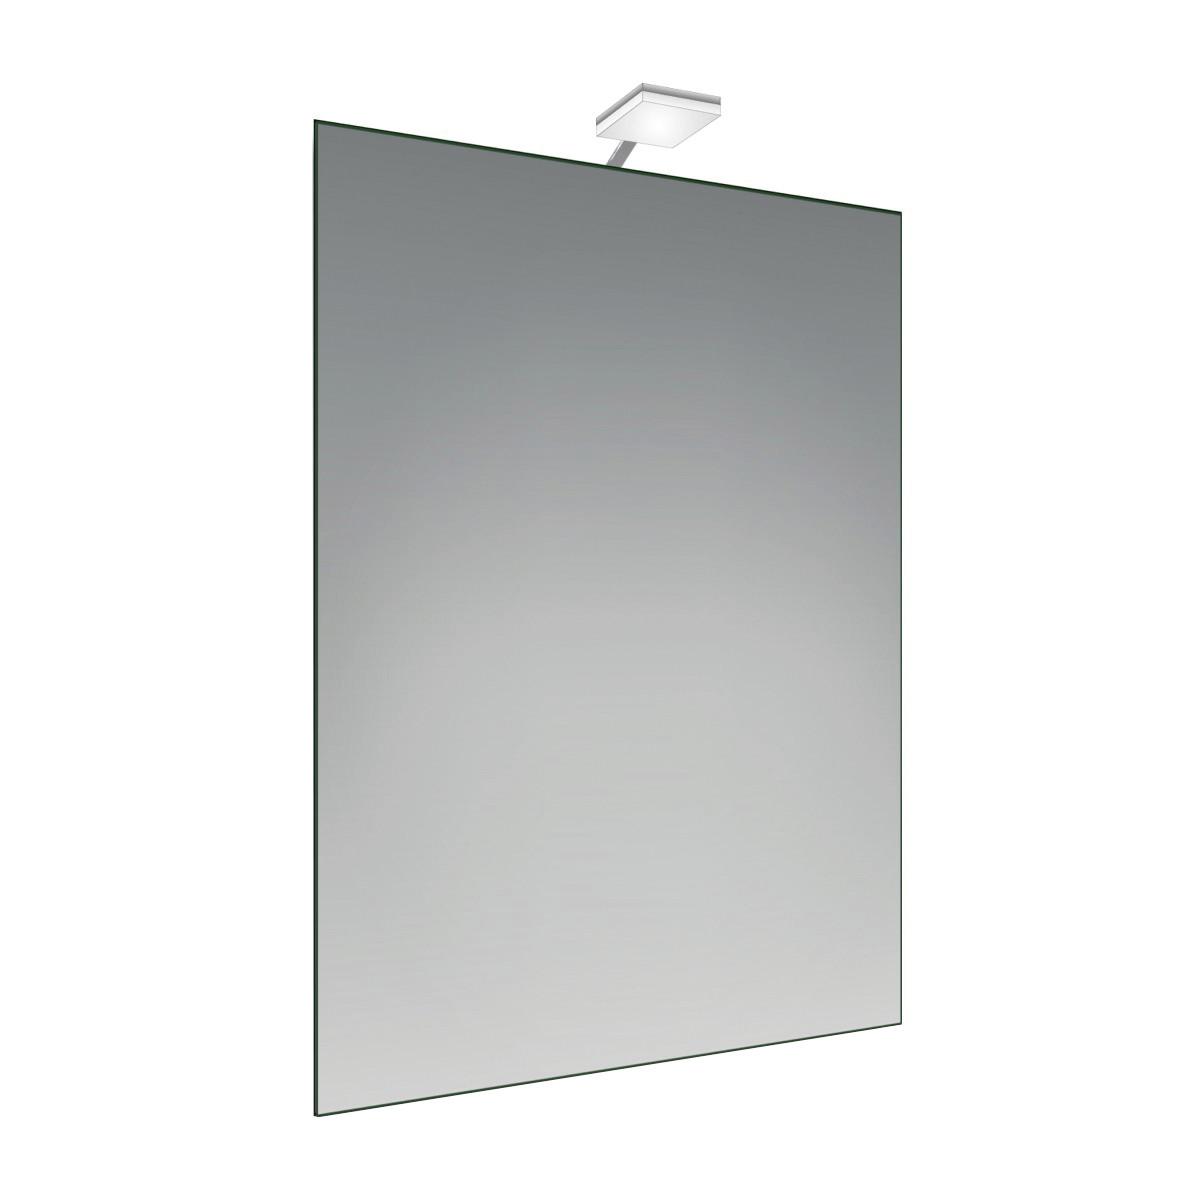 Vidaxl Specchio Da Bagno 50 X 60 Prezzo E Offerte Sottocosto